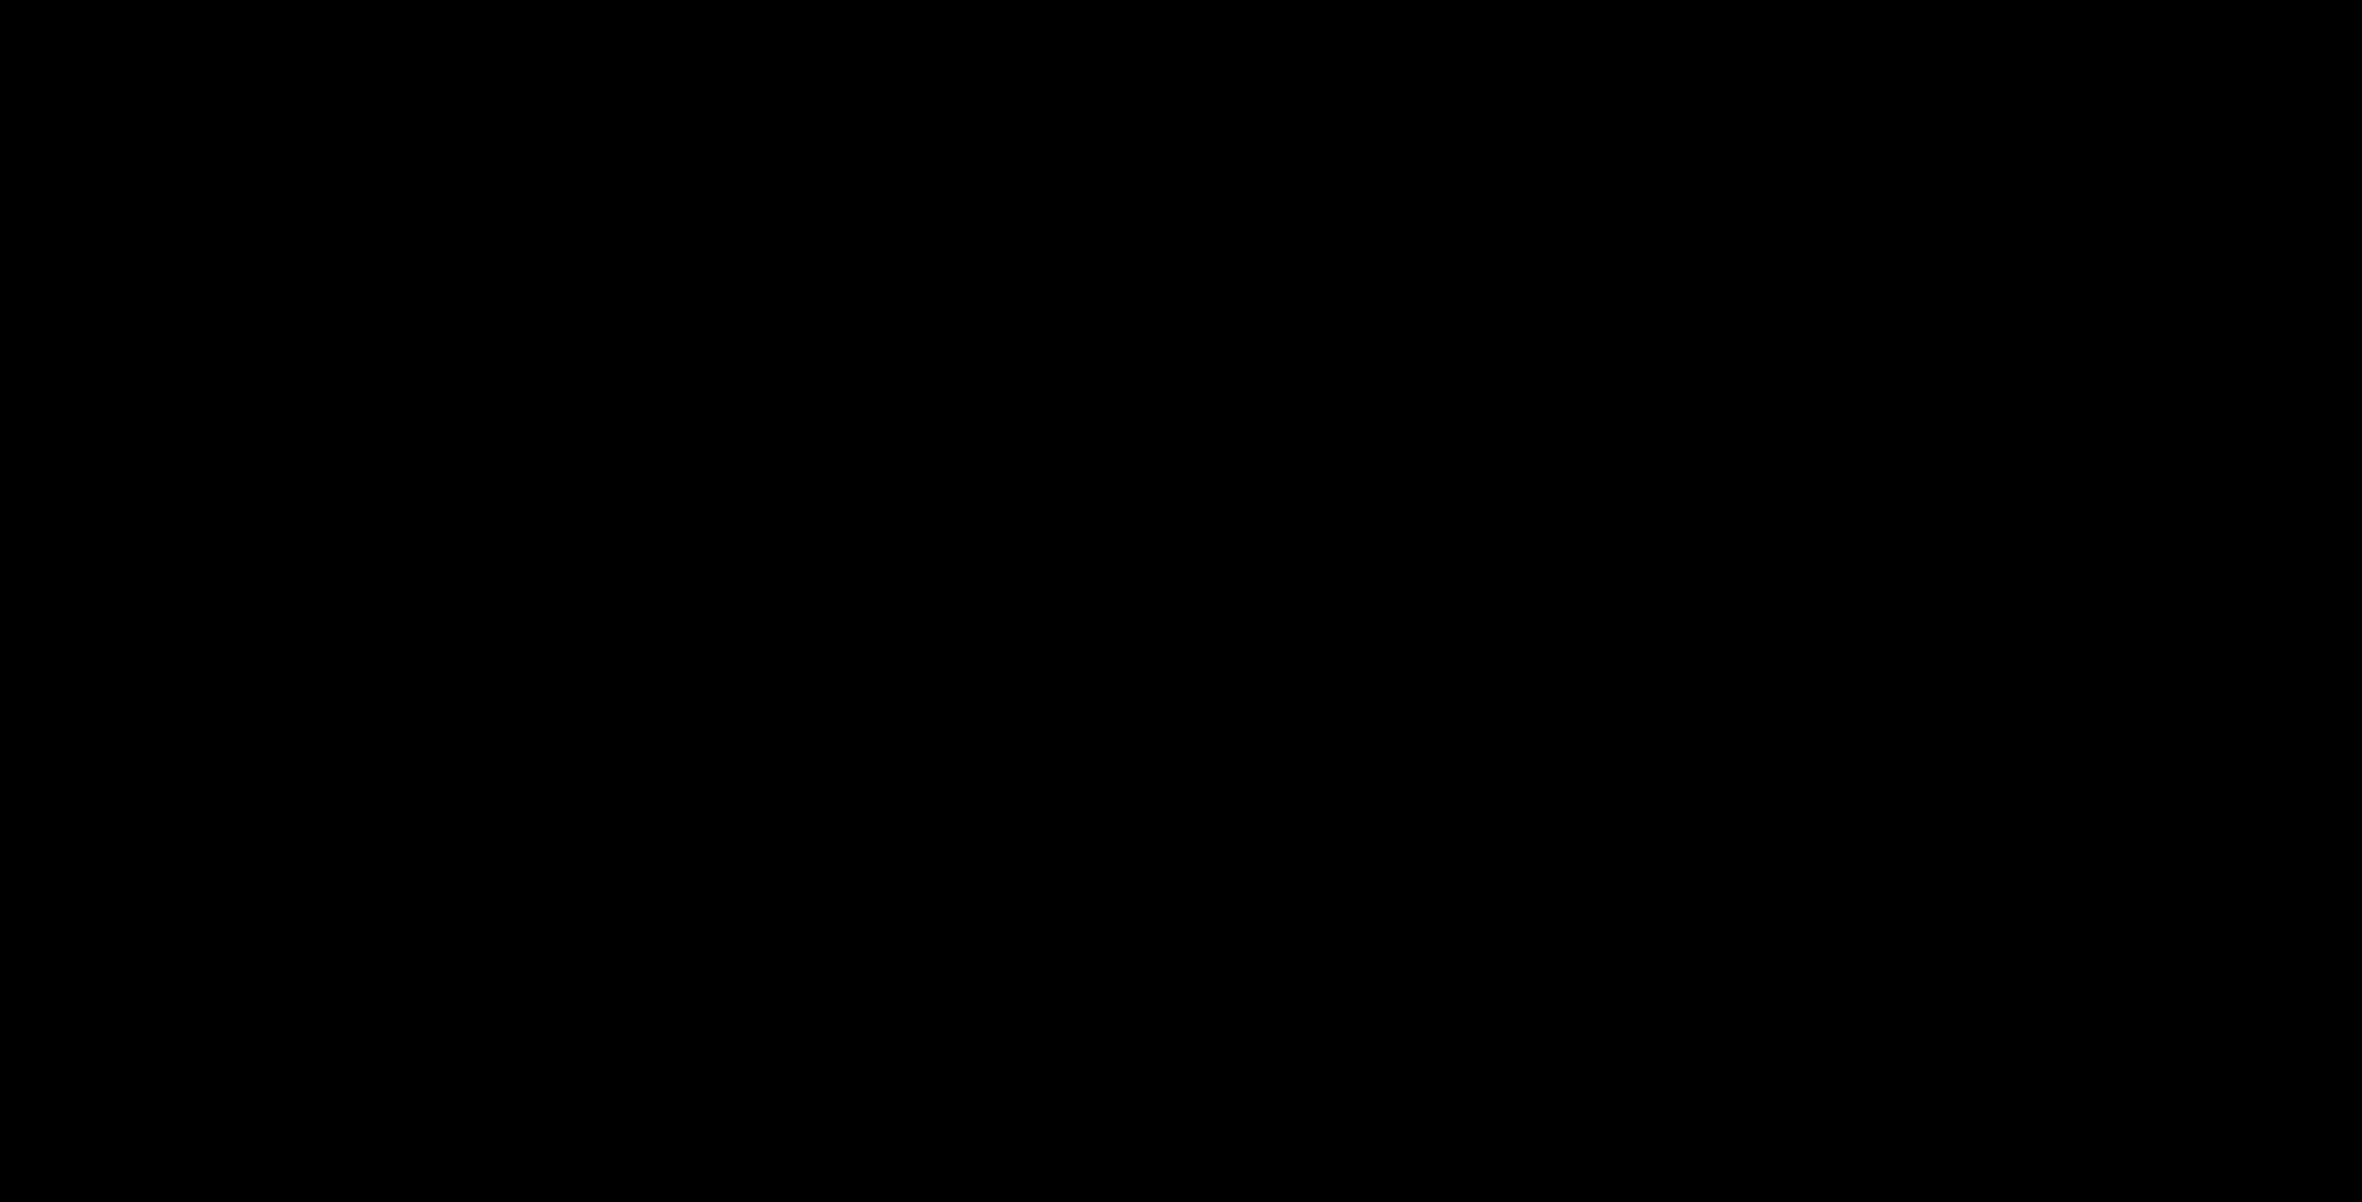 La ONCE lanza un cupón el 5 de diciembre